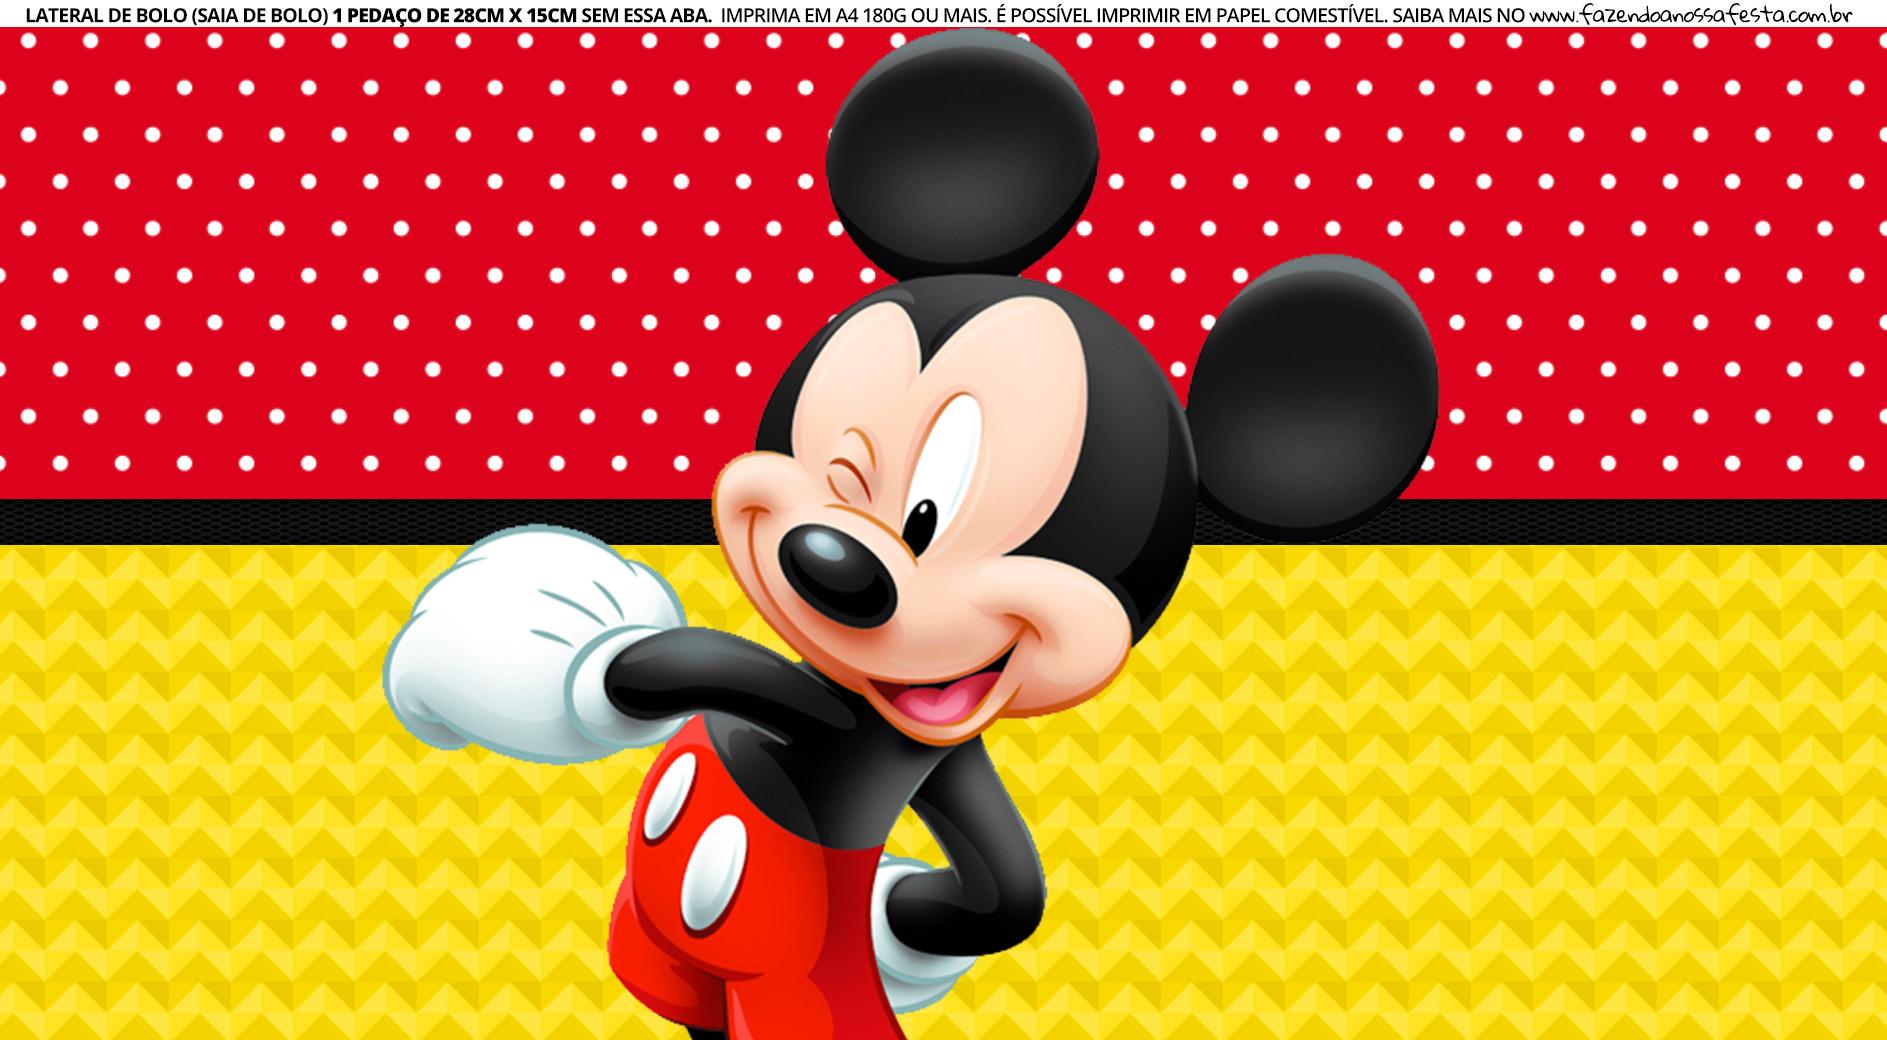 Faixa lateral para bolo Mickey 7